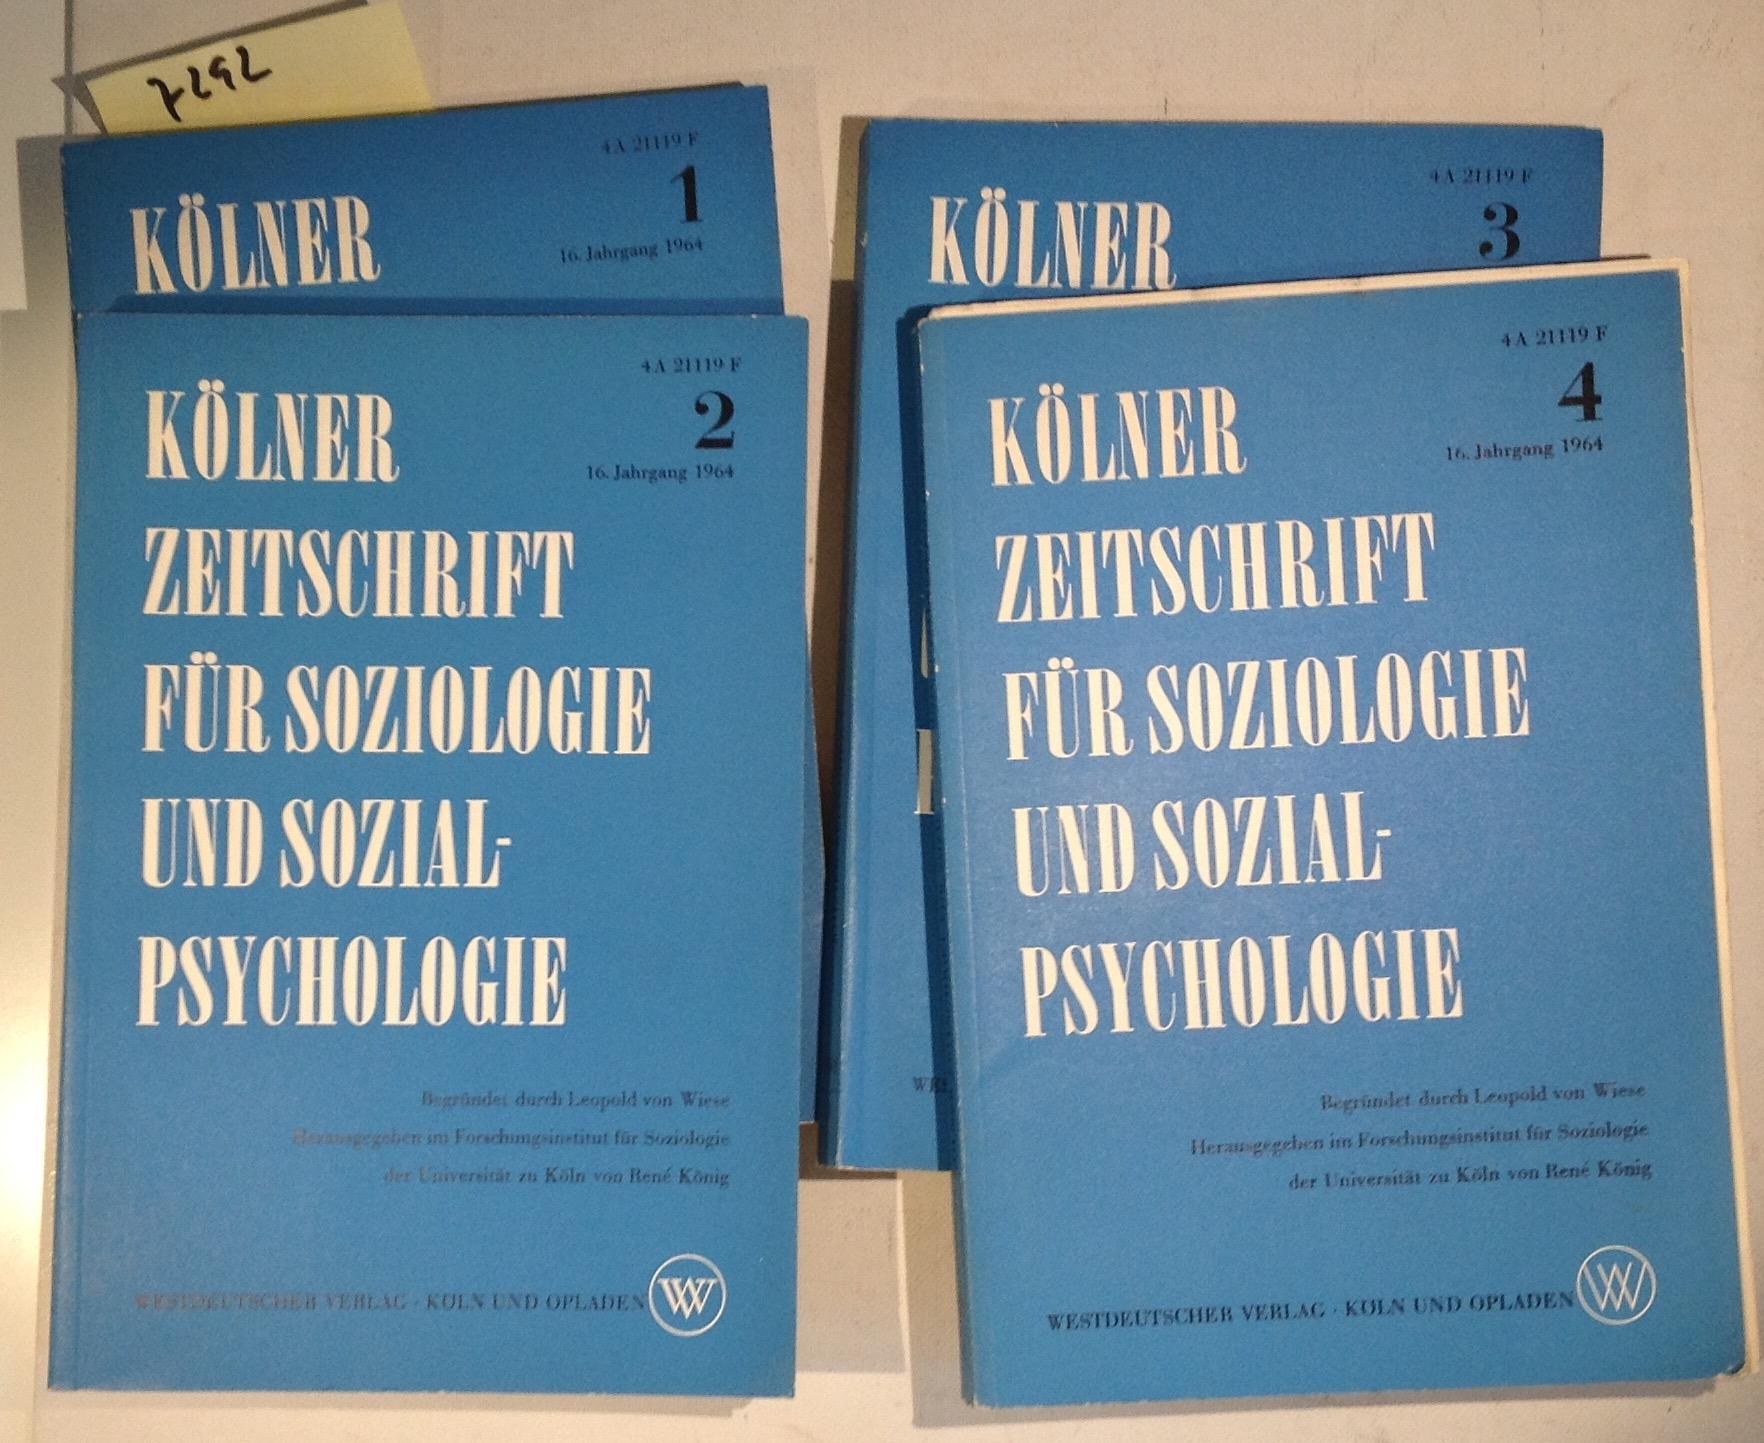 kölner zeitschrift für soziologie und sozialpsychologie